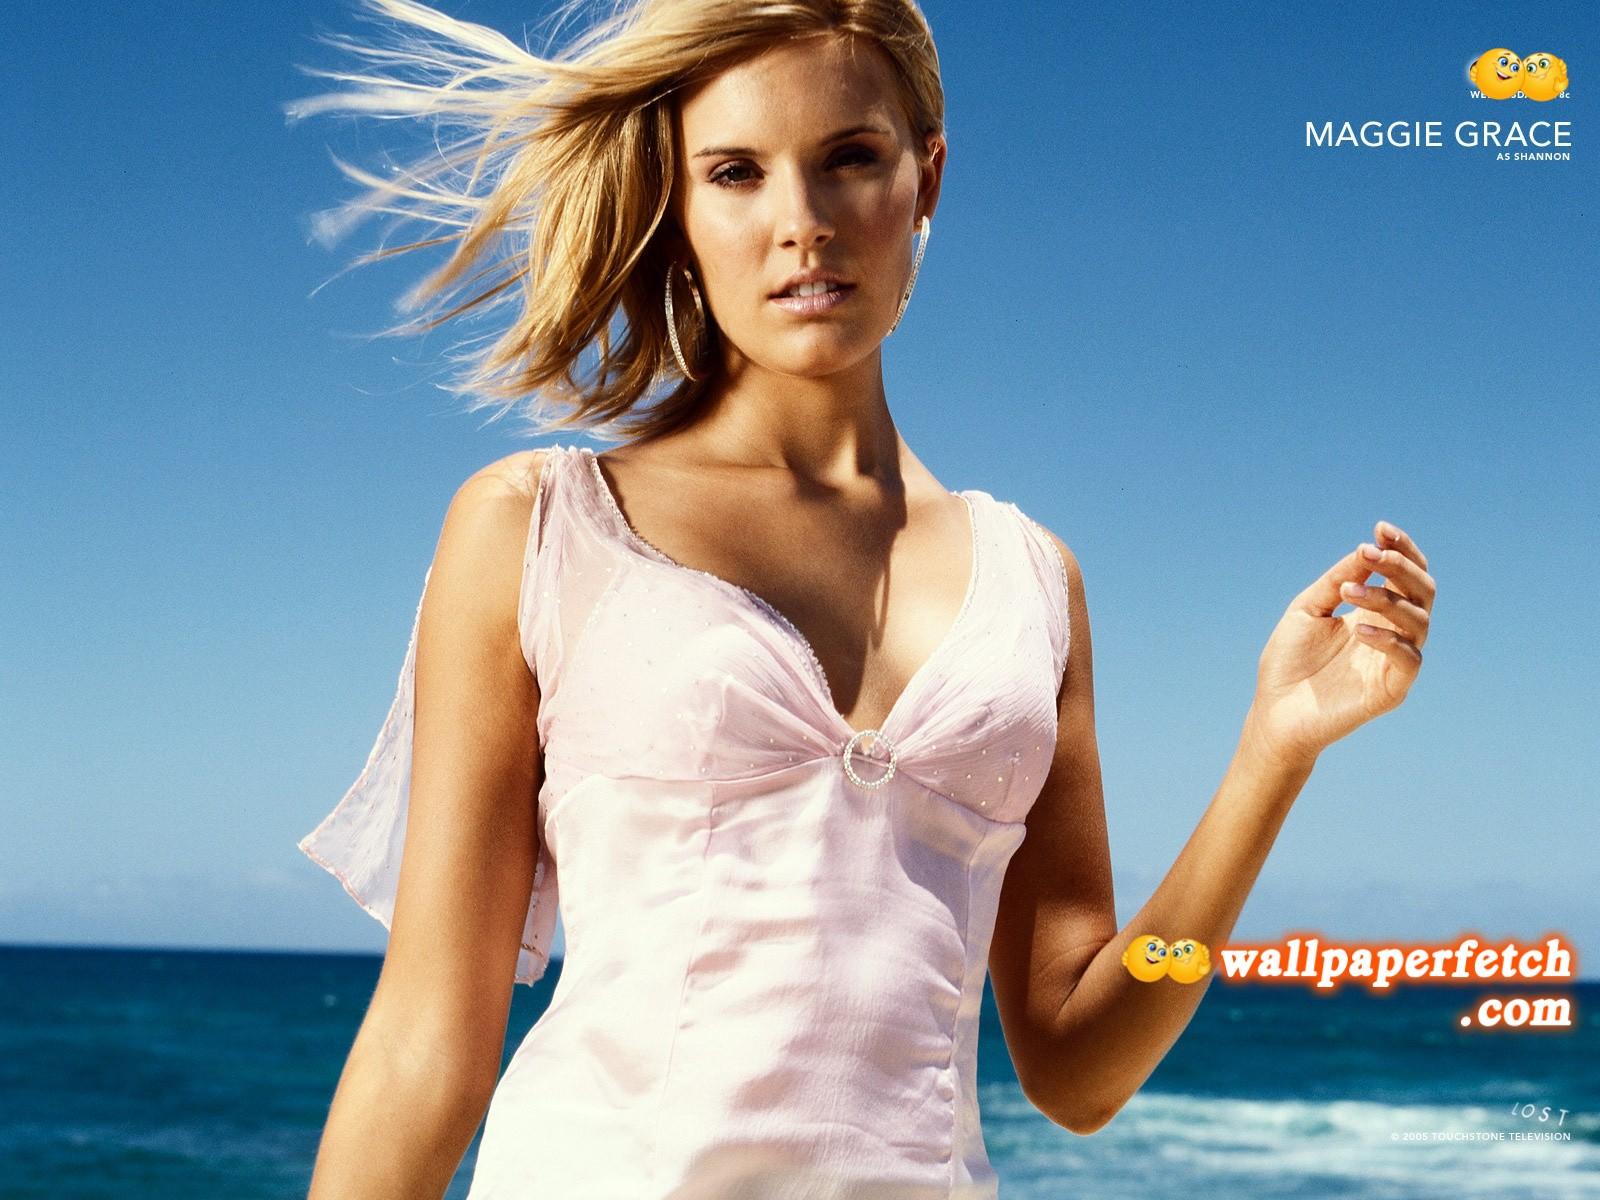 http://1.bp.blogspot.com/-o6oWKnrtidQ/T-sis9isJTI/AAAAAAAAByI/dA4EEOpYCQo/s1600/maggie-grace-wallpaper.jpg